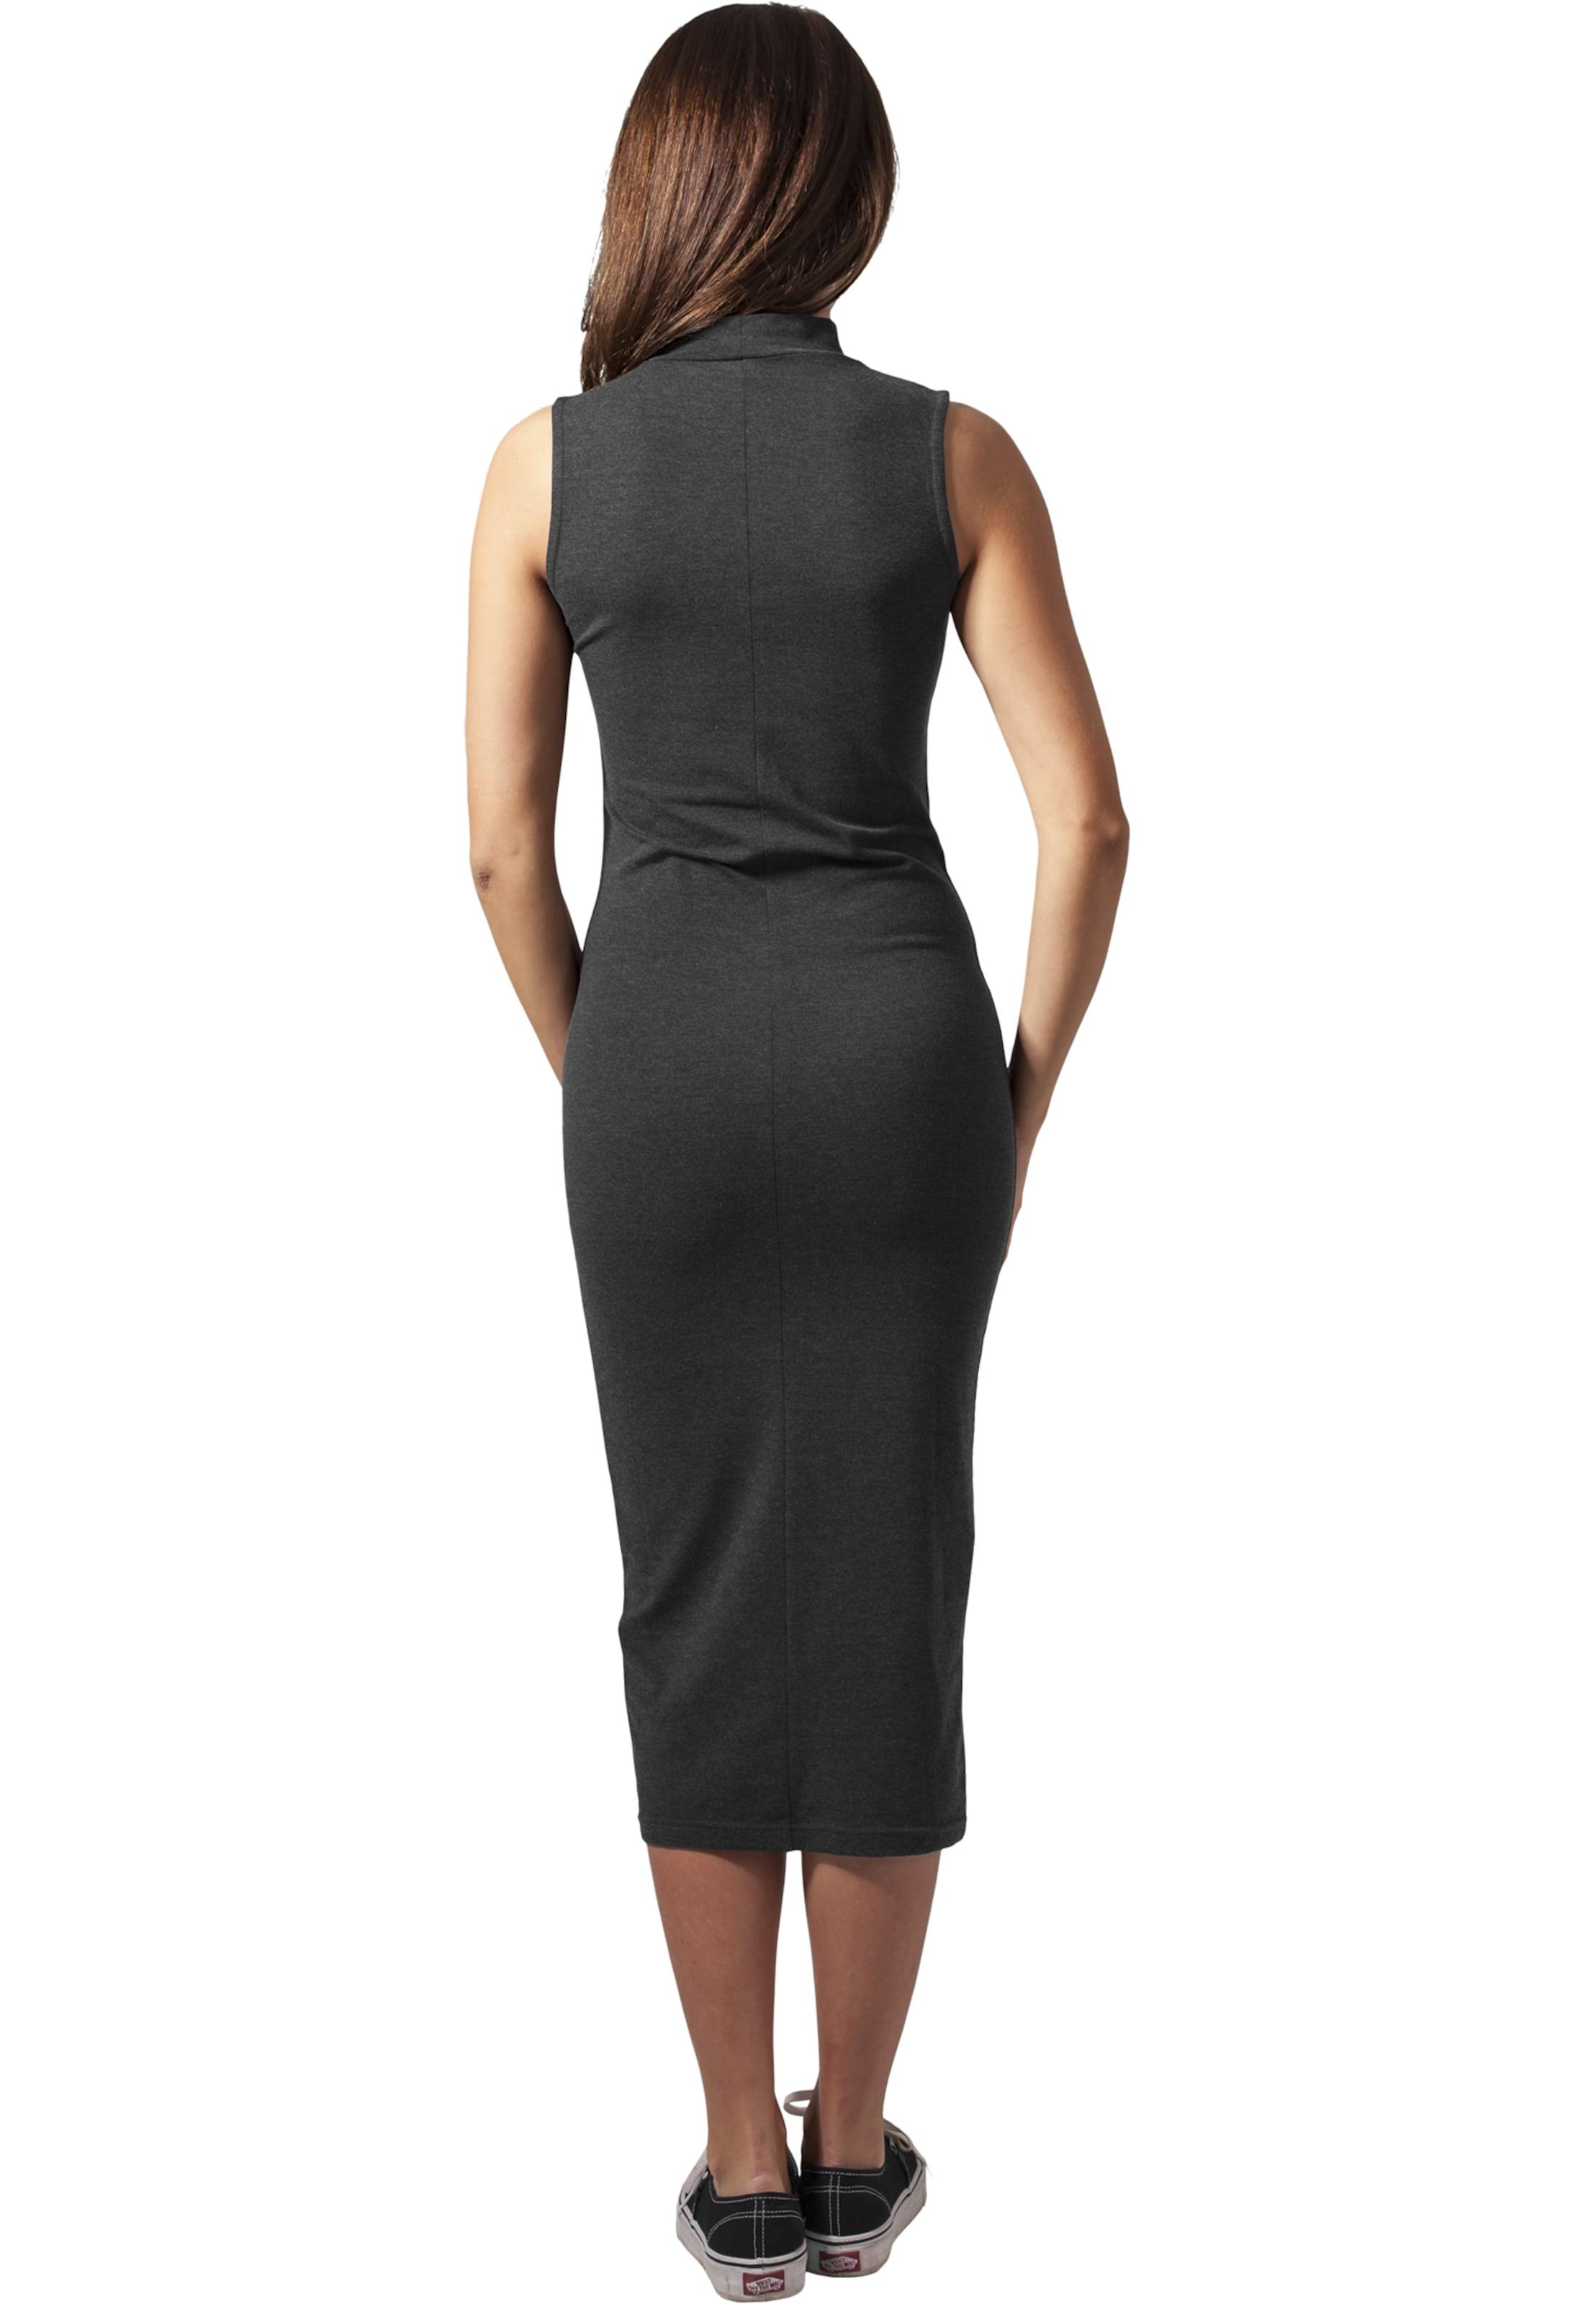 Urban Urban Classics Dress Dress In Classics Graphit In gf7b6y